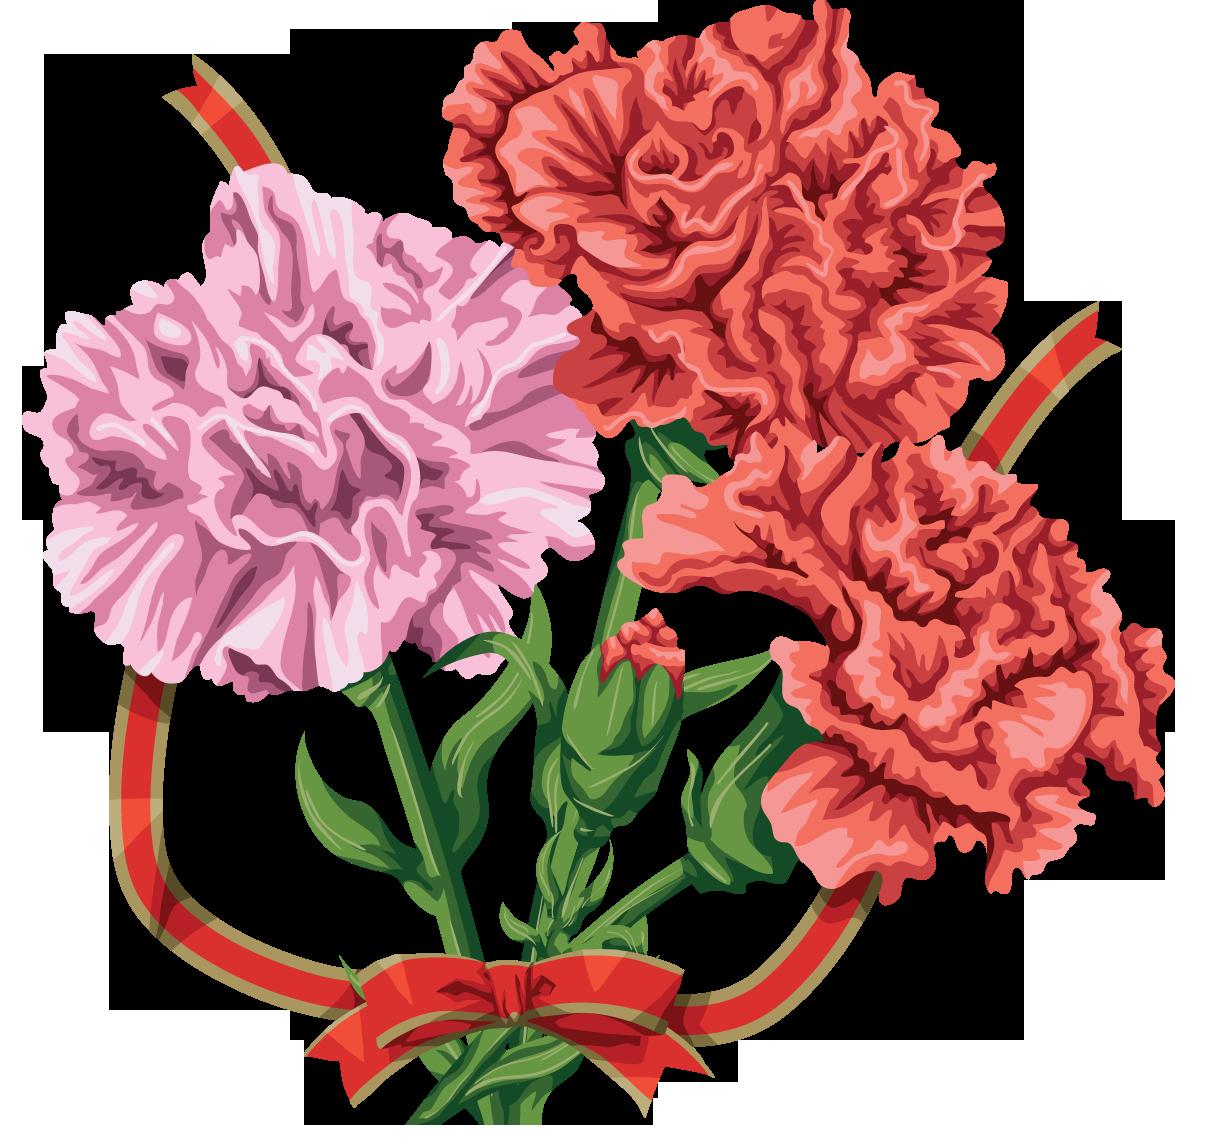 Цветы гвоздики картинки без фона